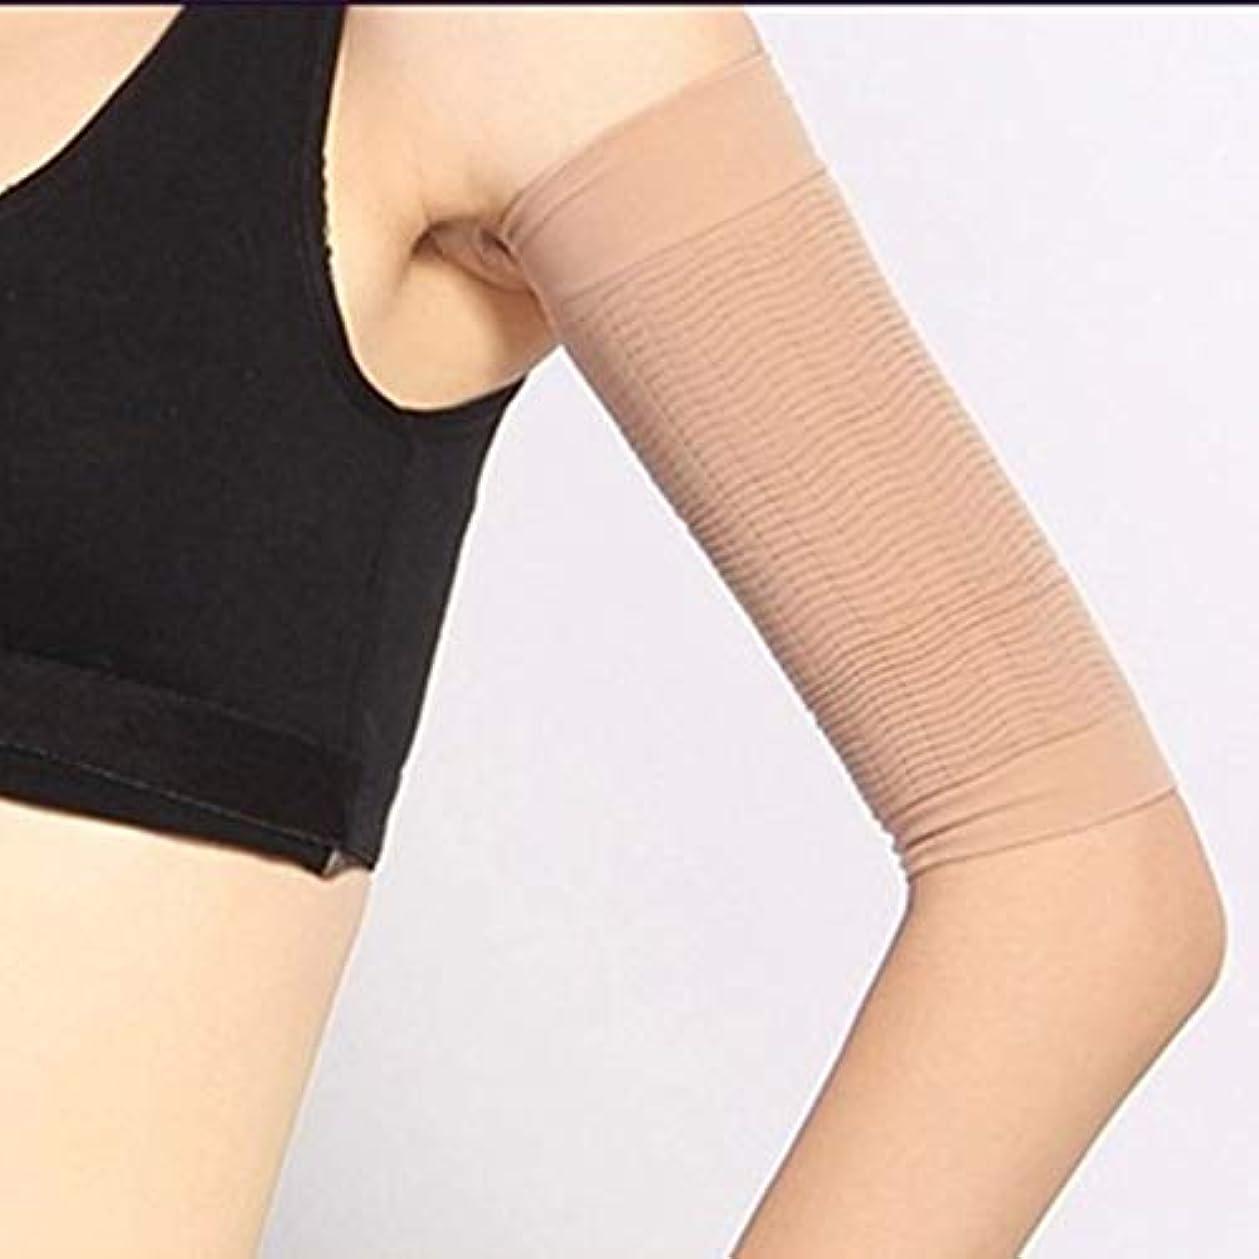 首液化する最小1ペア420 D圧縮痩身アームスリーブワークアウトトーニングバーンセルライトシェイパー脂肪燃焼袖用女性 - 肌色